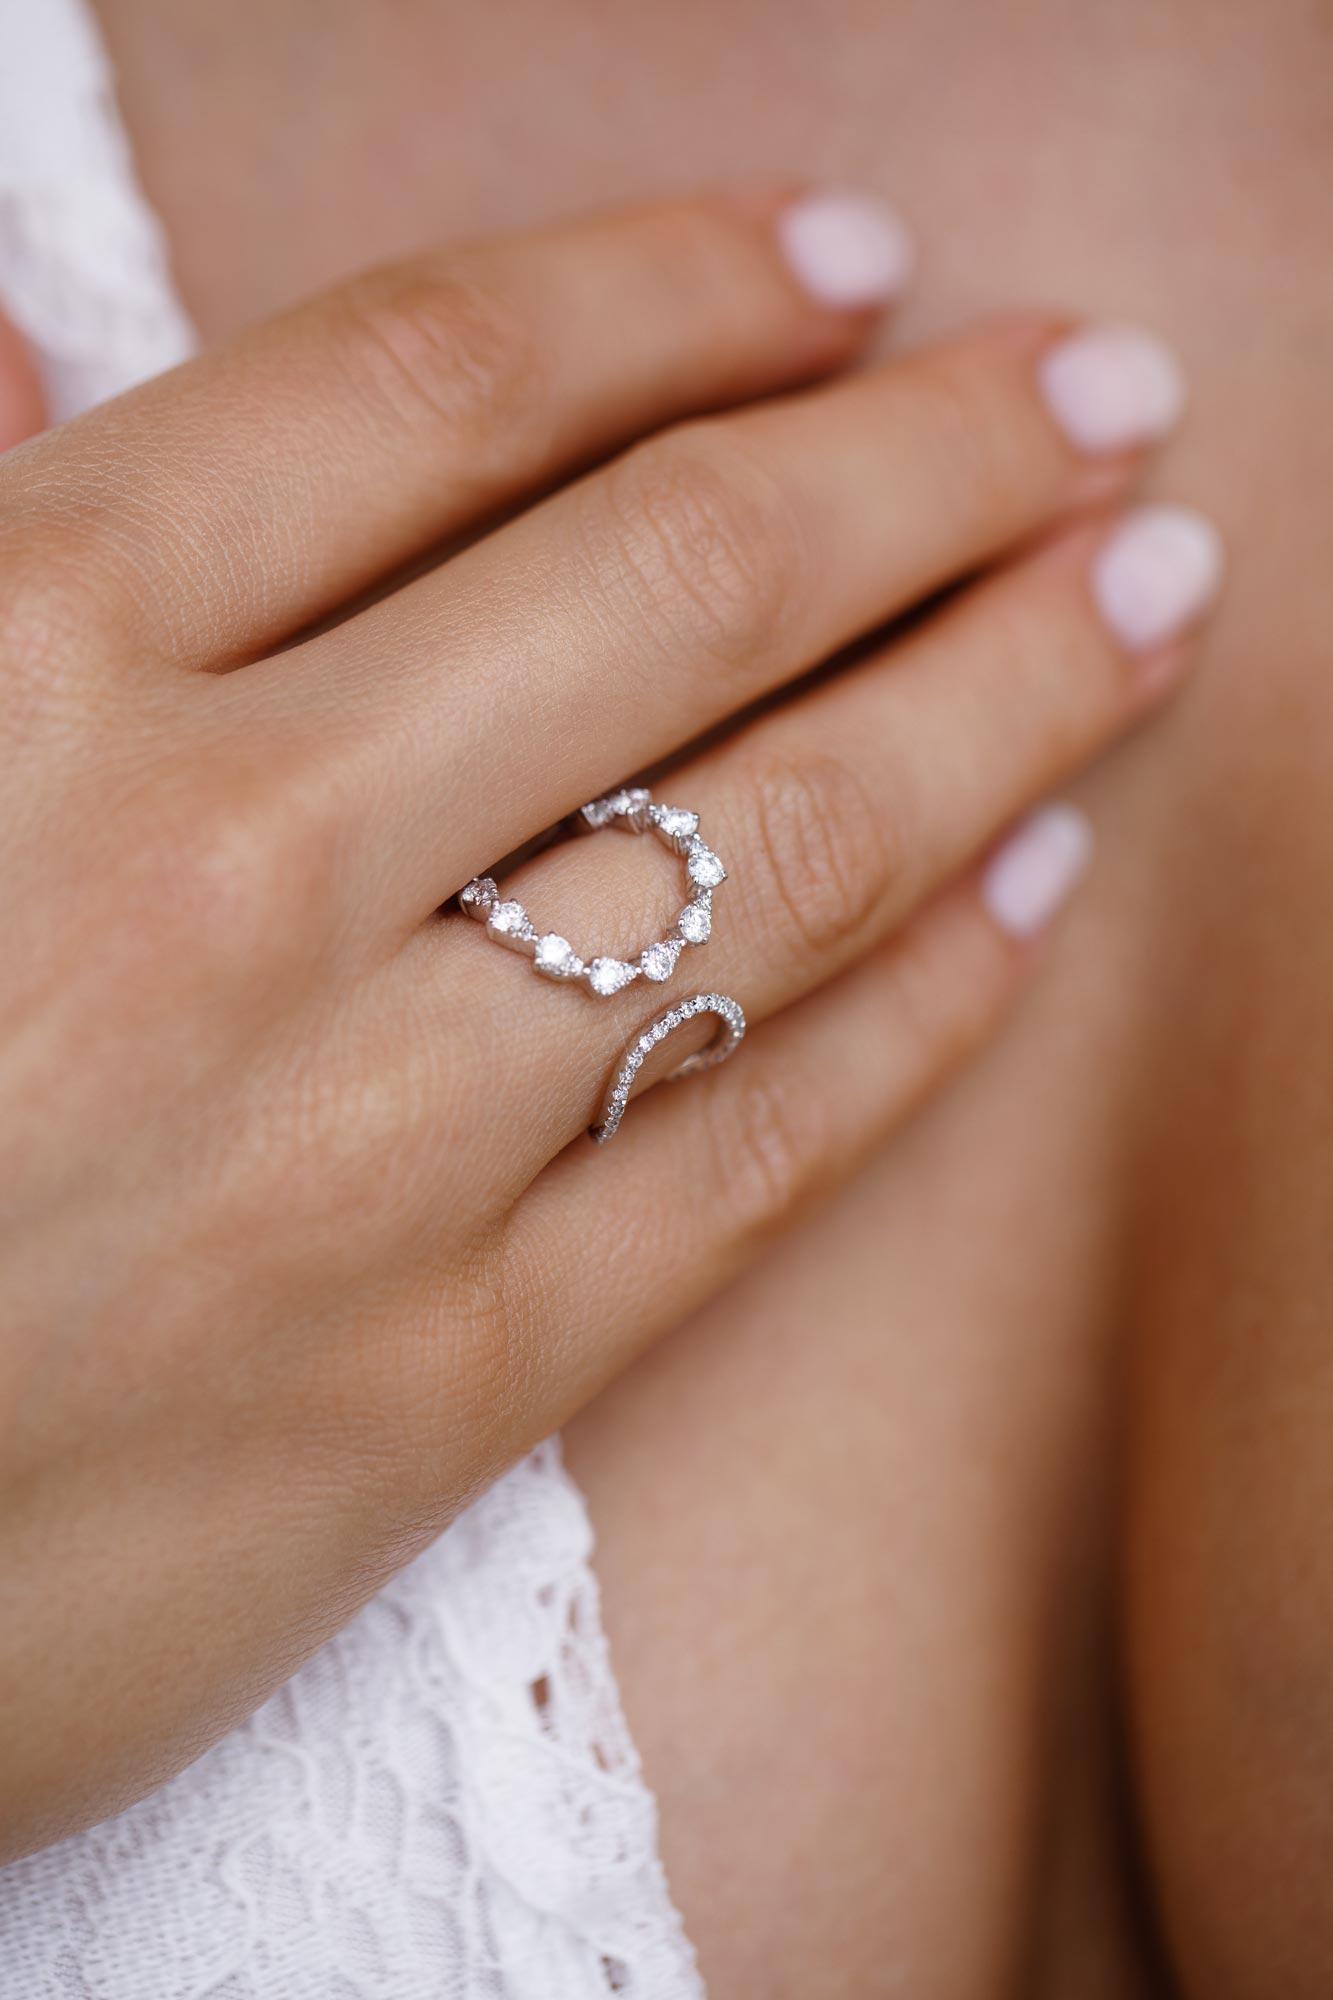 Hochzeitsfotografie Verlobungsring